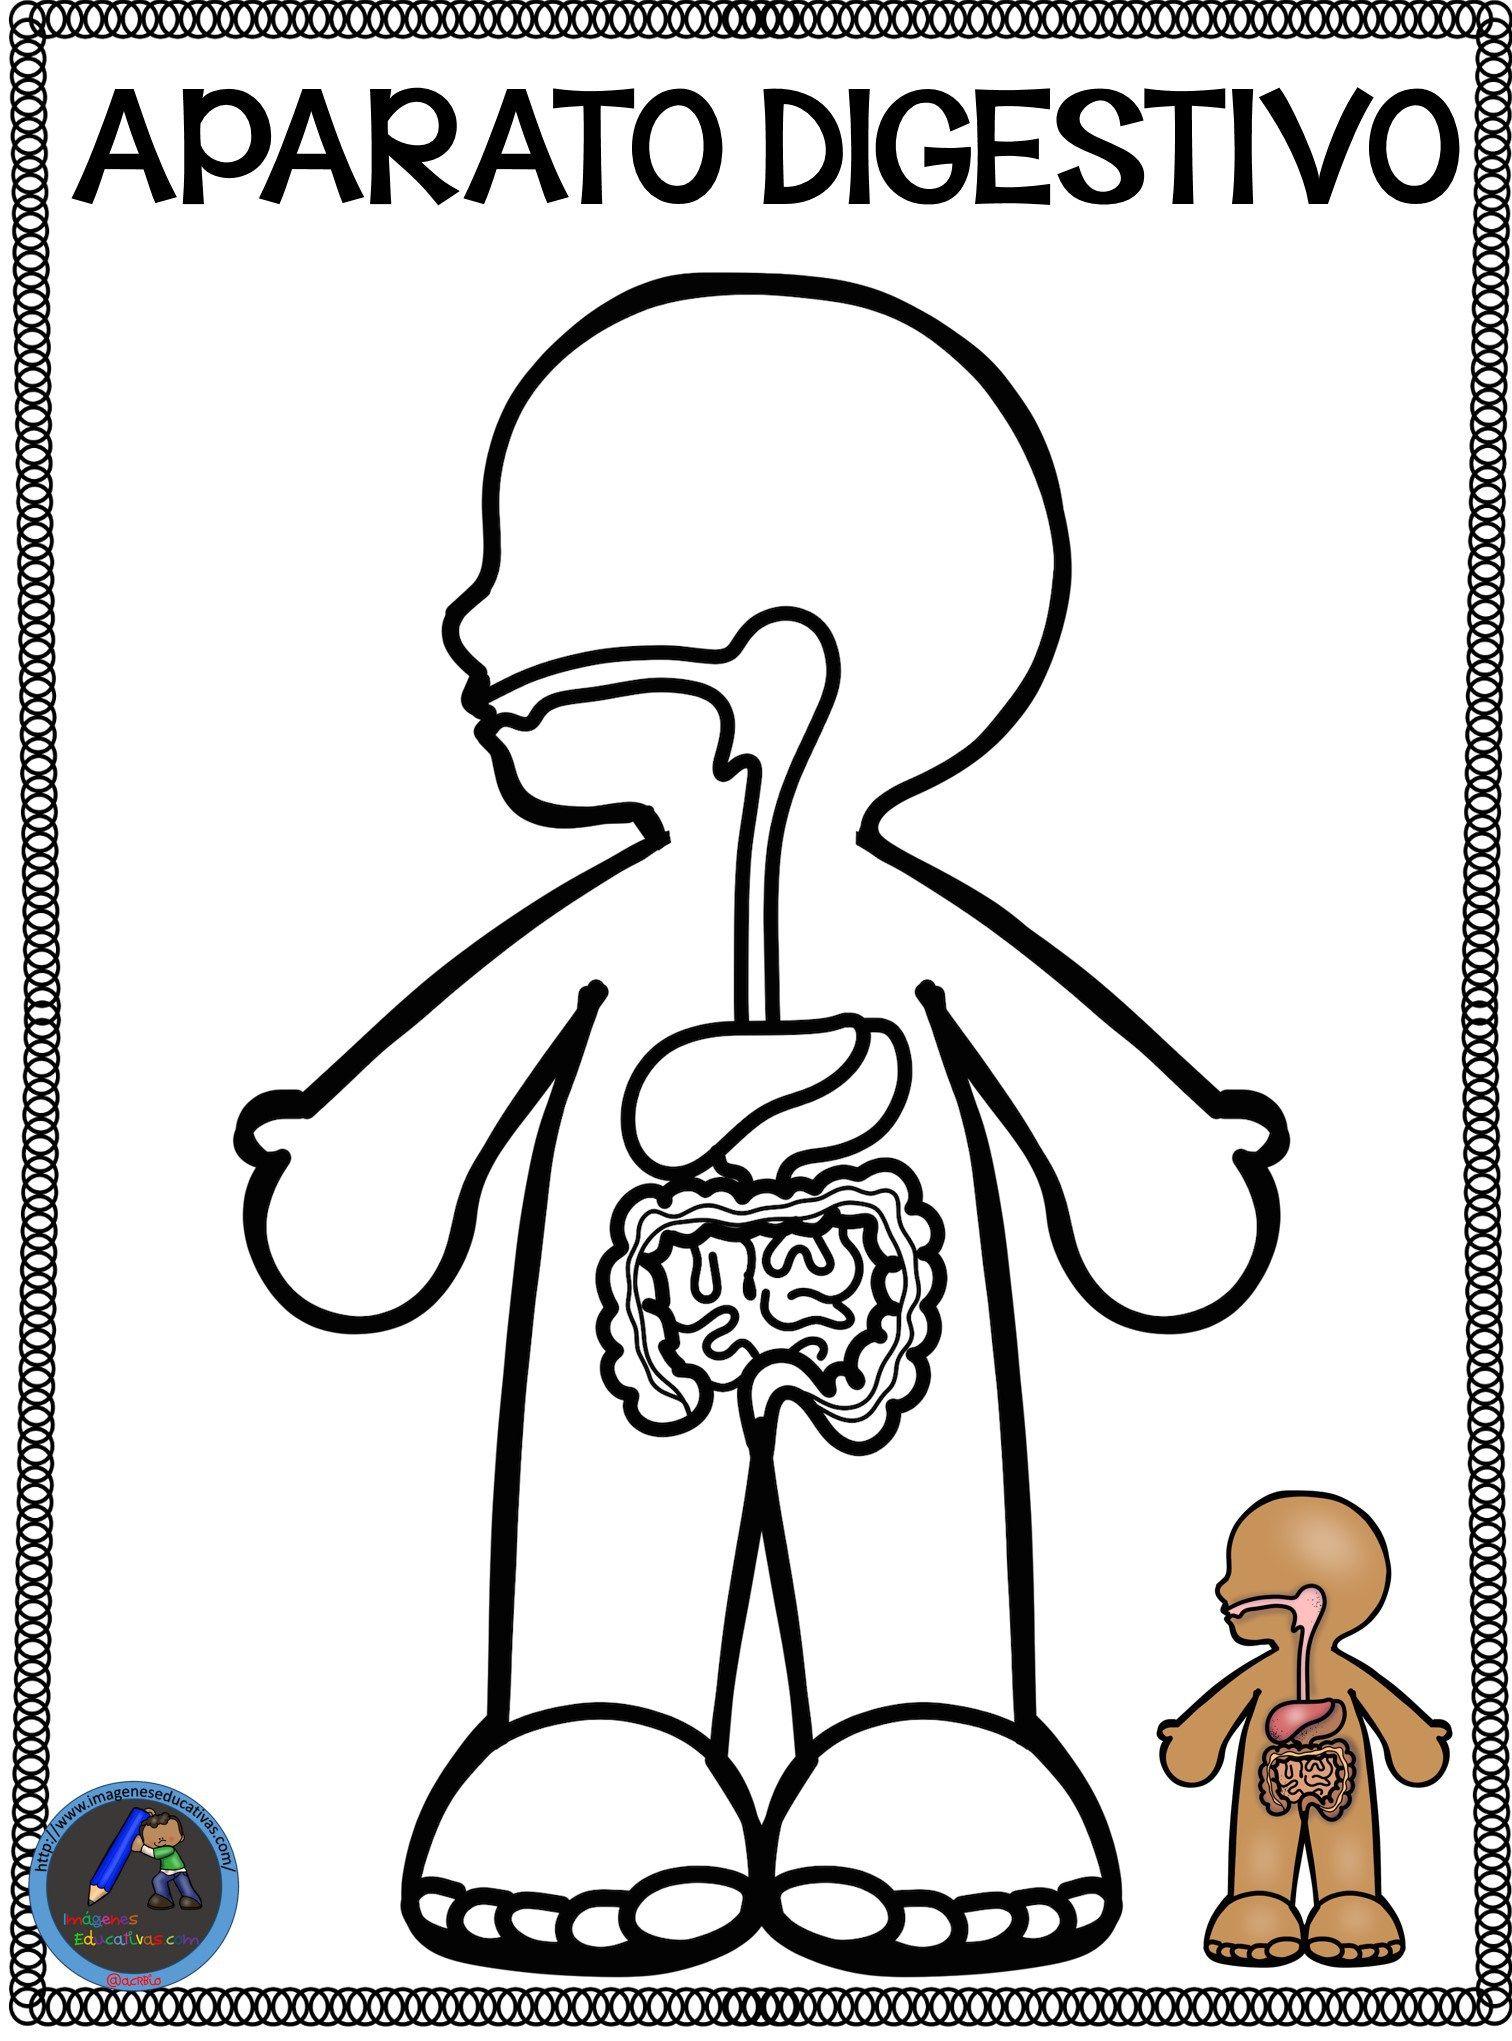 Cuaderno del Cuerpo Humano para colorear | Aparatos del cuerpo humano,  Sistemas del cuerpo humano, Actividades del cuerpo humano